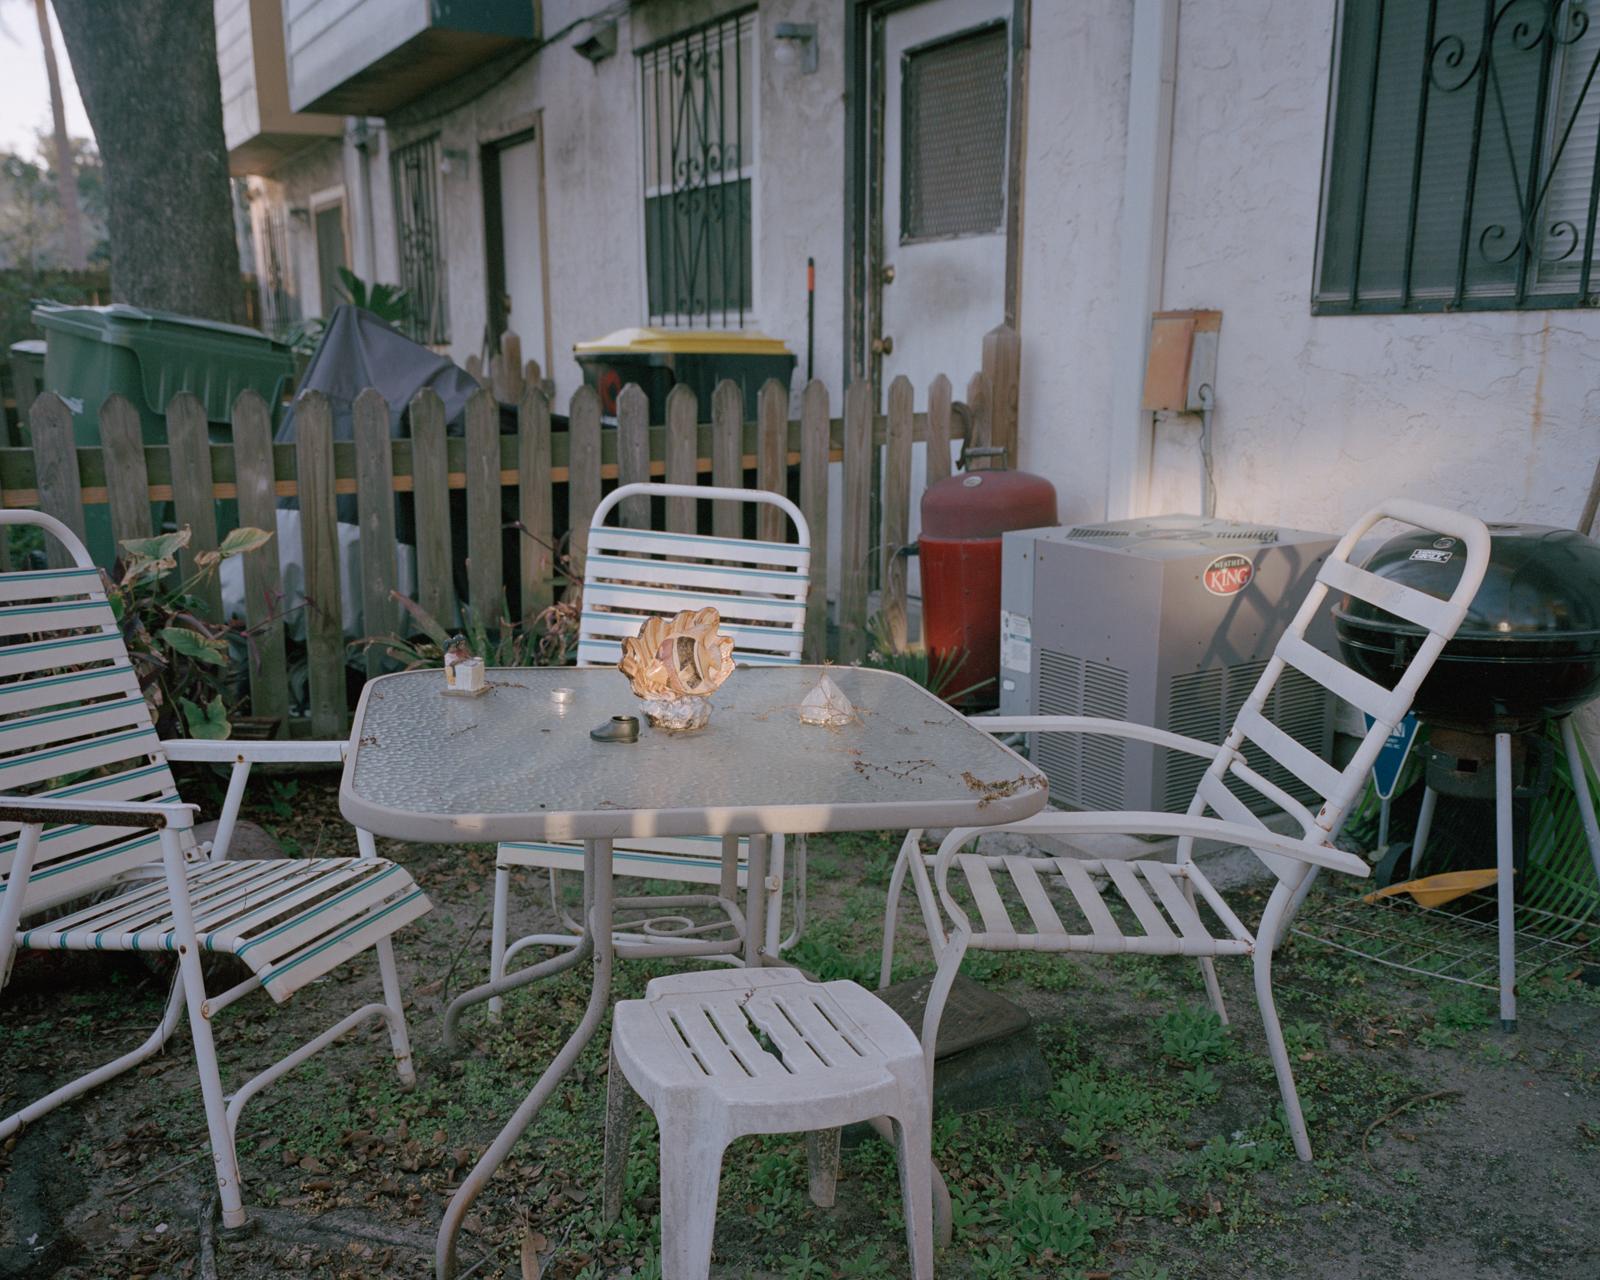 Untitled (Backyard Shell)